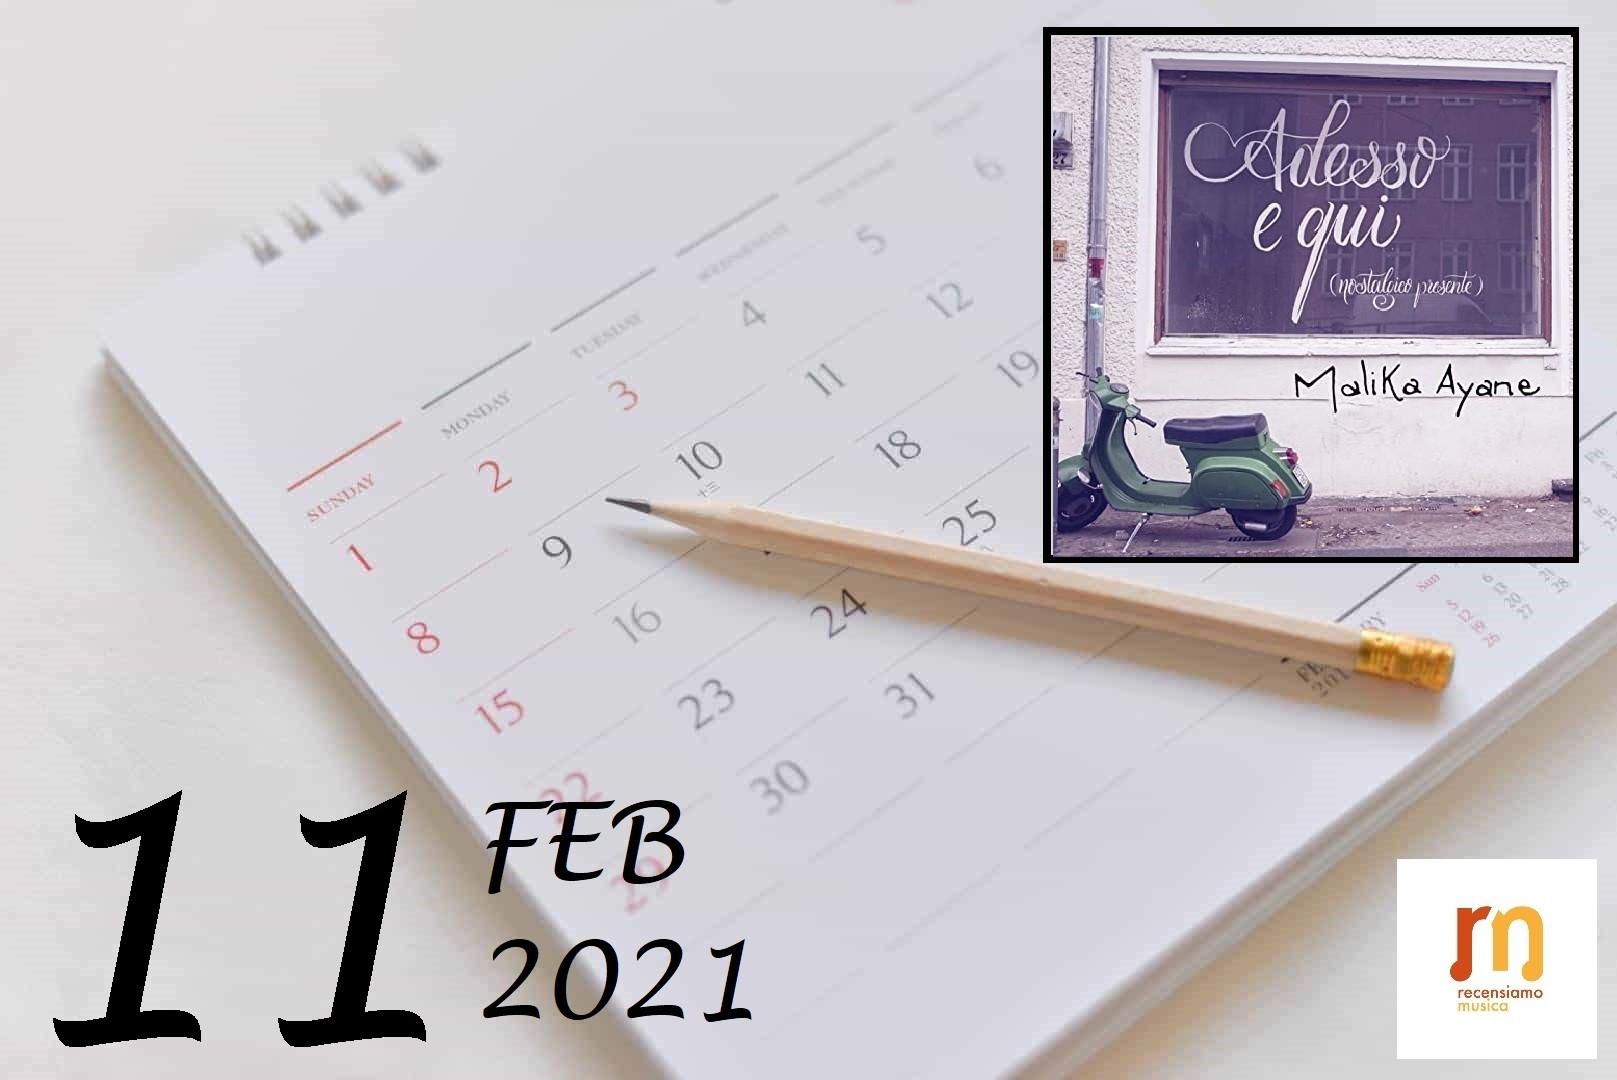 11 febbraio